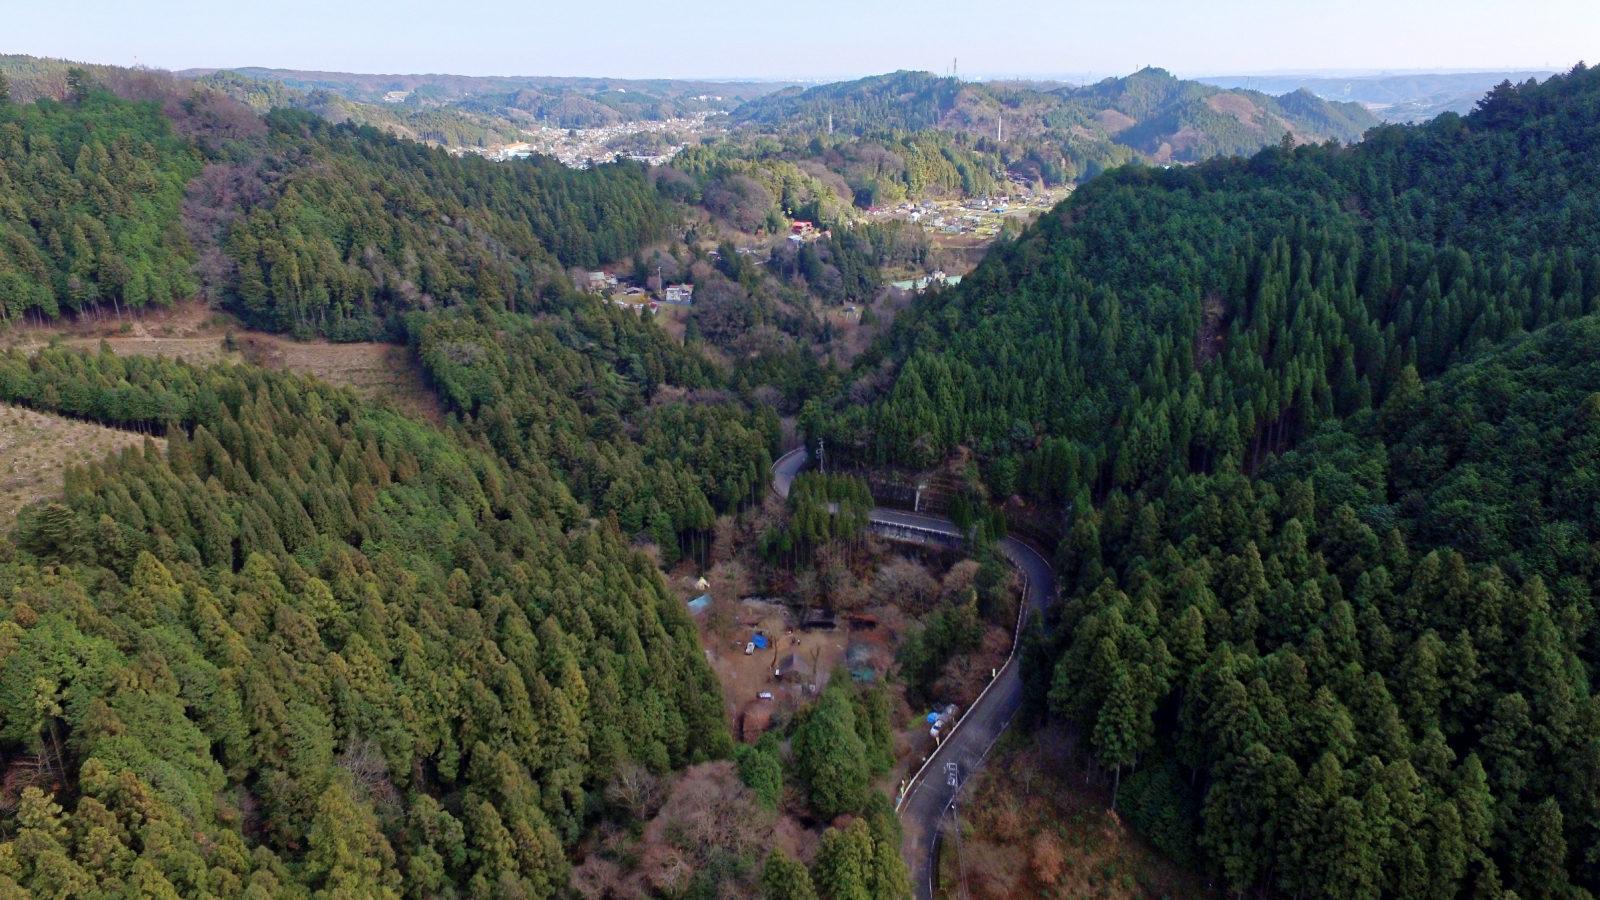 秋川渓谷周辺にはハイキングスポットが多数あります。四季を感じながら散策も良し。